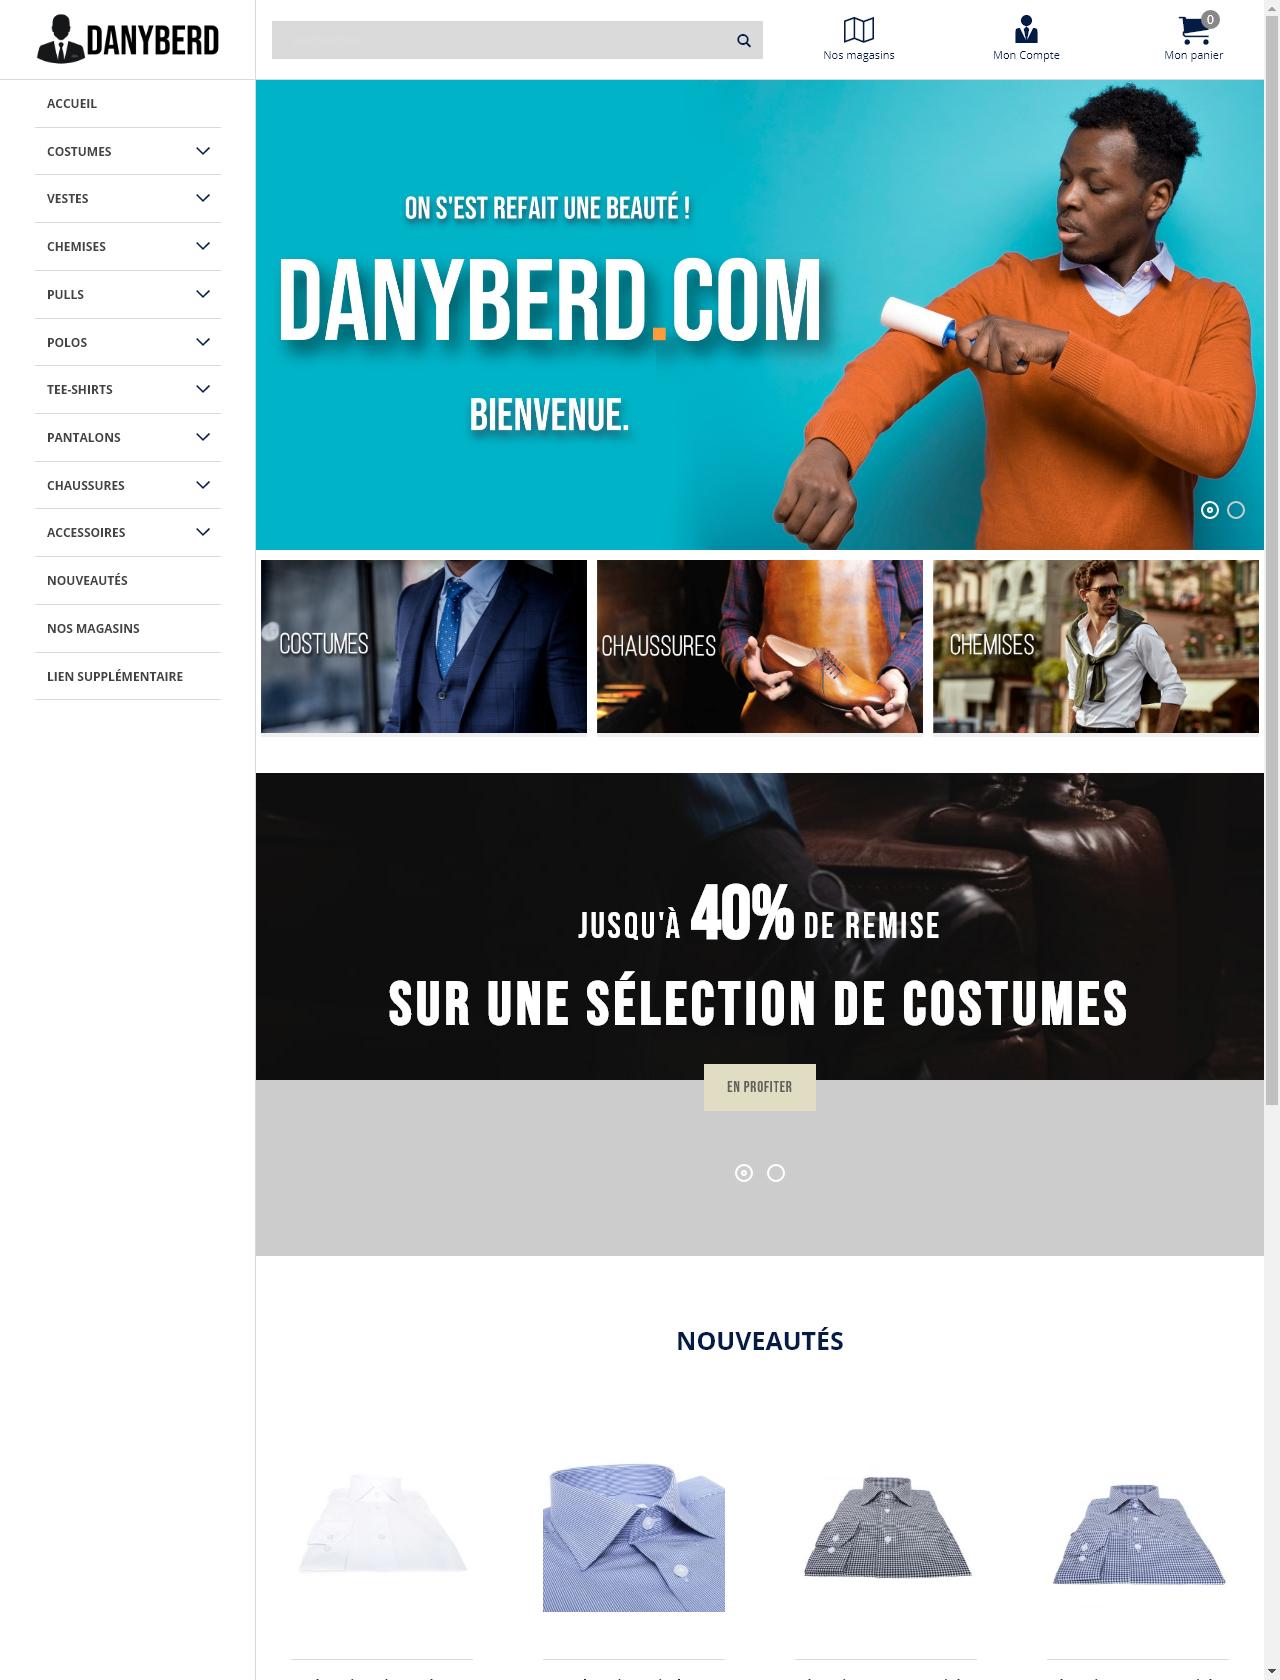 Screenshot Desktop - https://danyberd2.ziolek.fr/